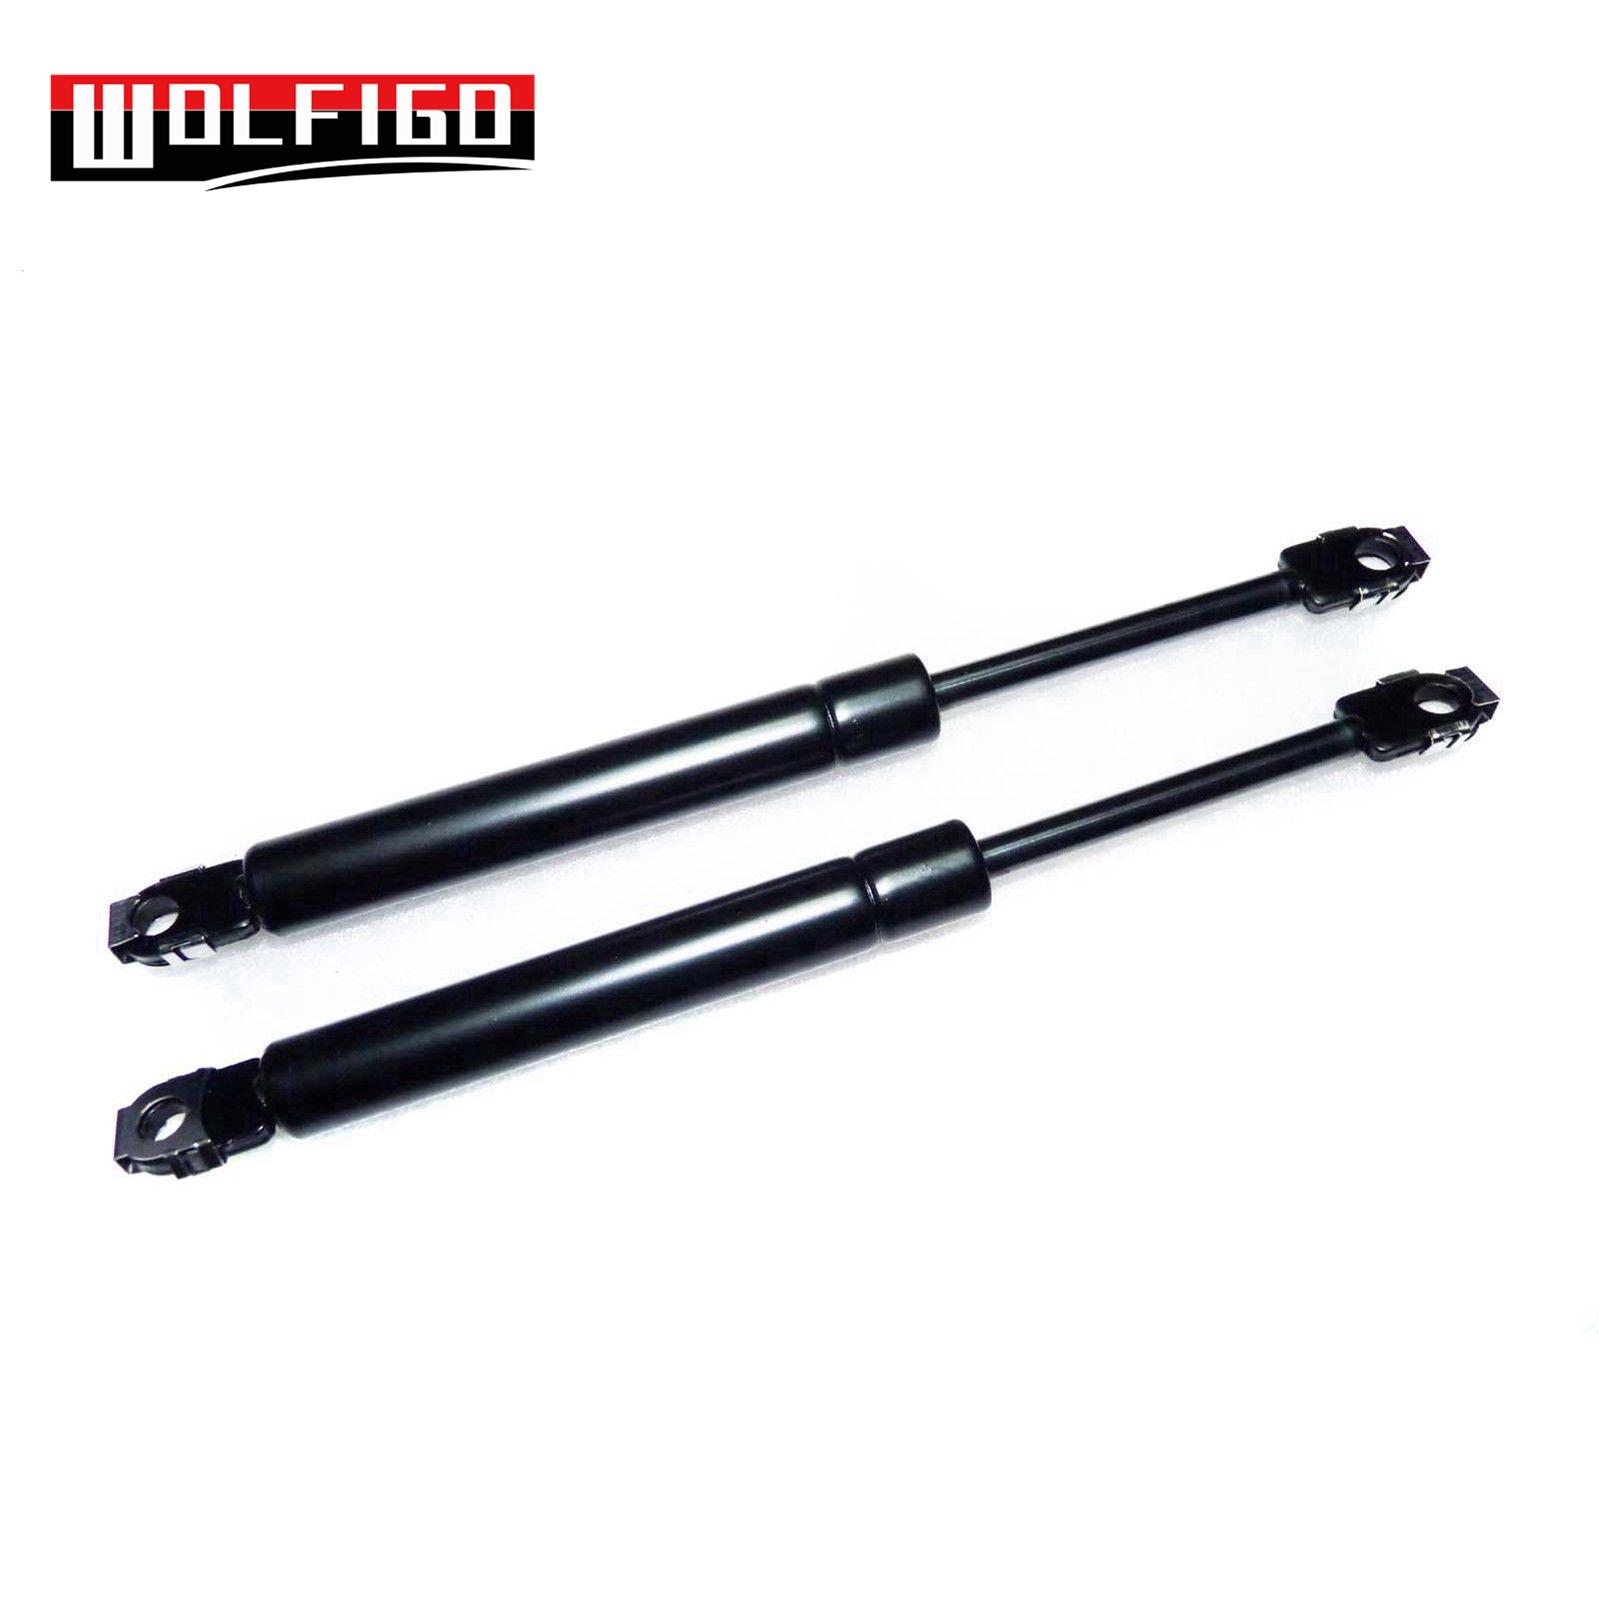 2 Front Hood Shock Gas Pressurized Support Damper Strut Lid for BMW 51231944119